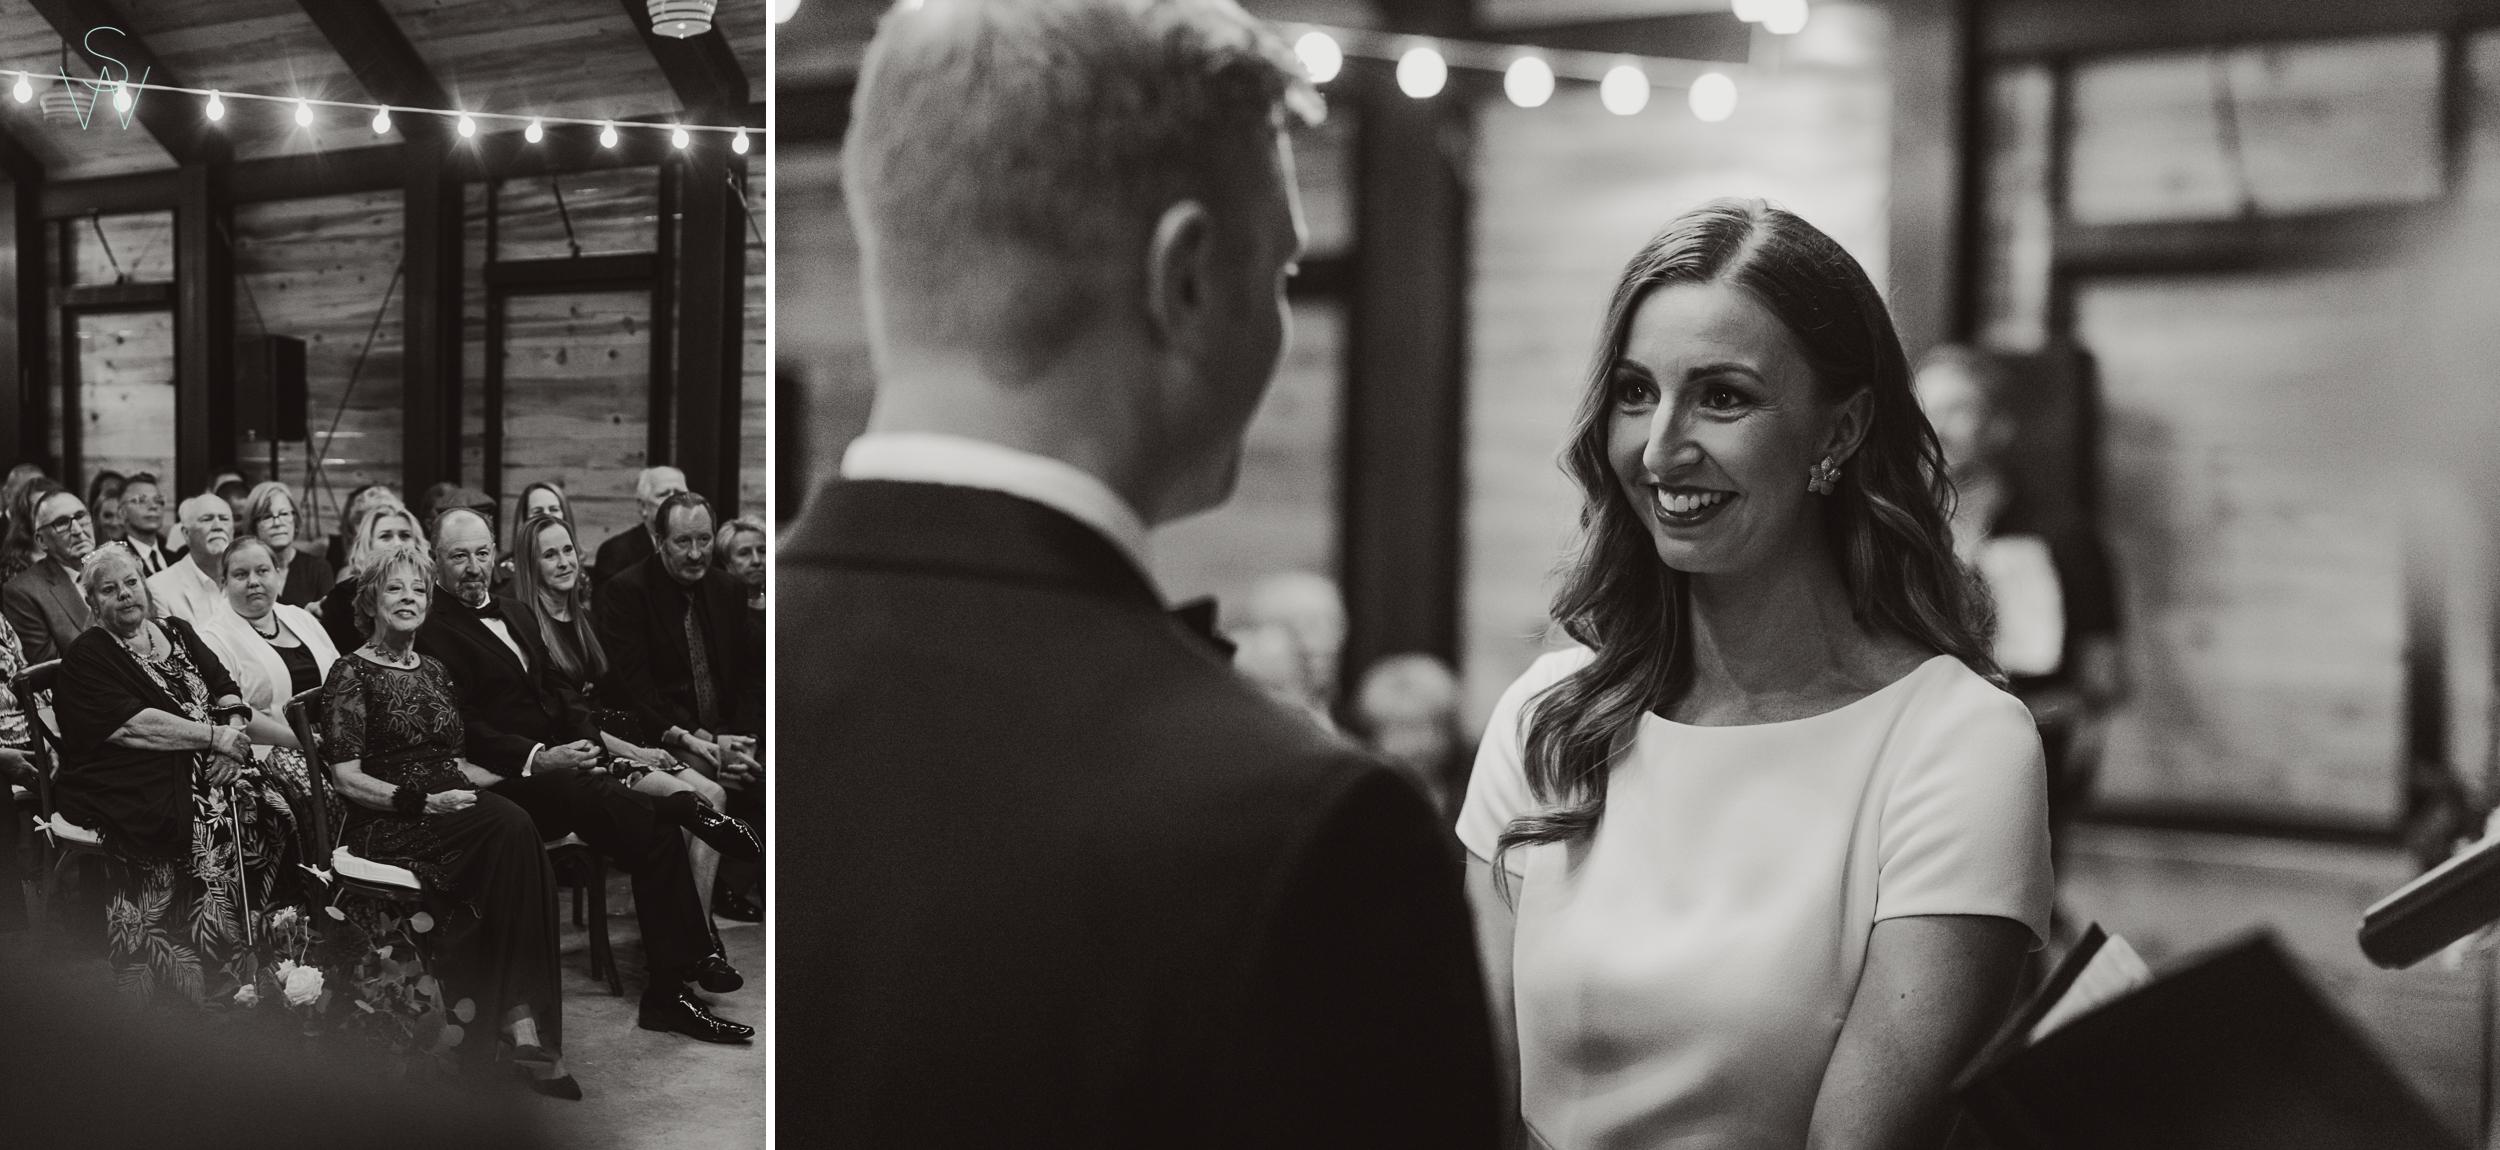 154THE.UNDERGROUND.ELEPHANT.wedding.photography.shewanders.JPG